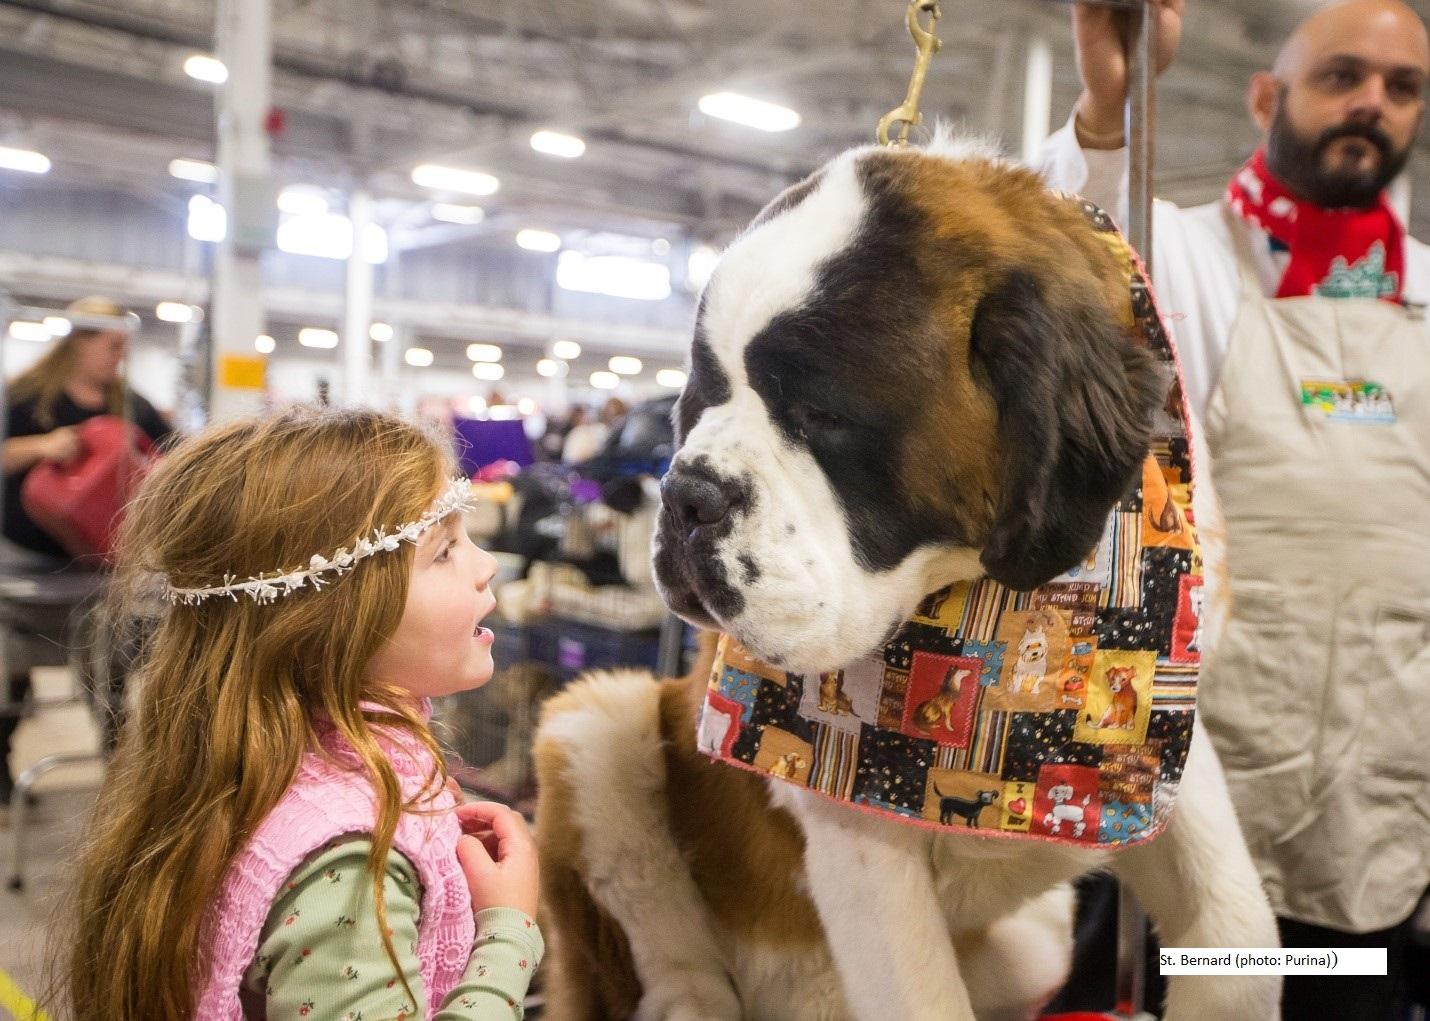 St Bernard from National Dog Show